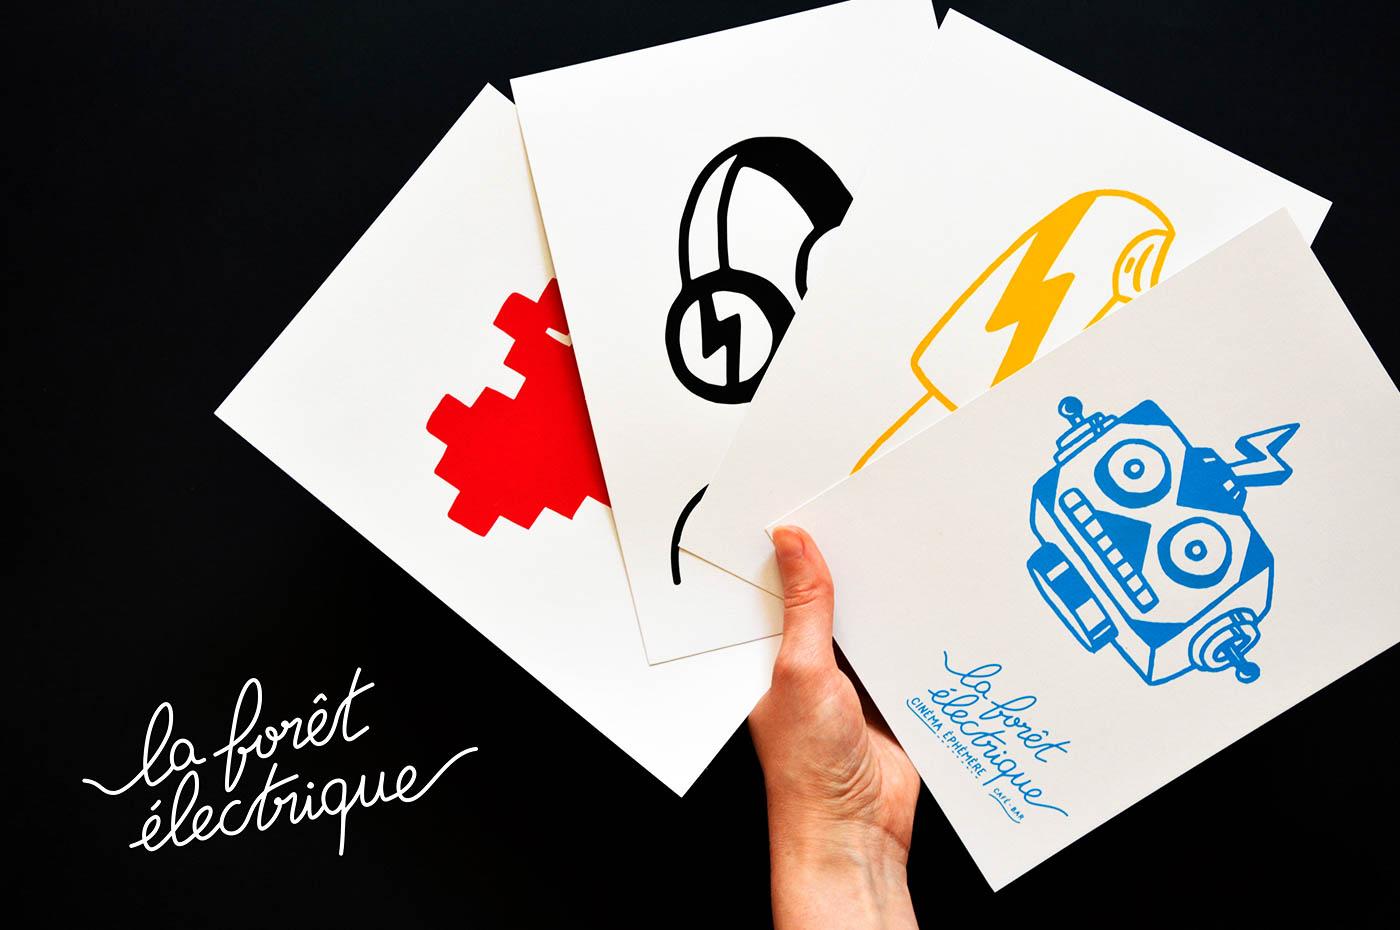 Photo des cartes A5 imprimées en sérigraphie par Superfruit pour la Foret Electrique. Quatre visuels différents : coeur, glace, casque audio et robot disponibles dans quatre couleurs.